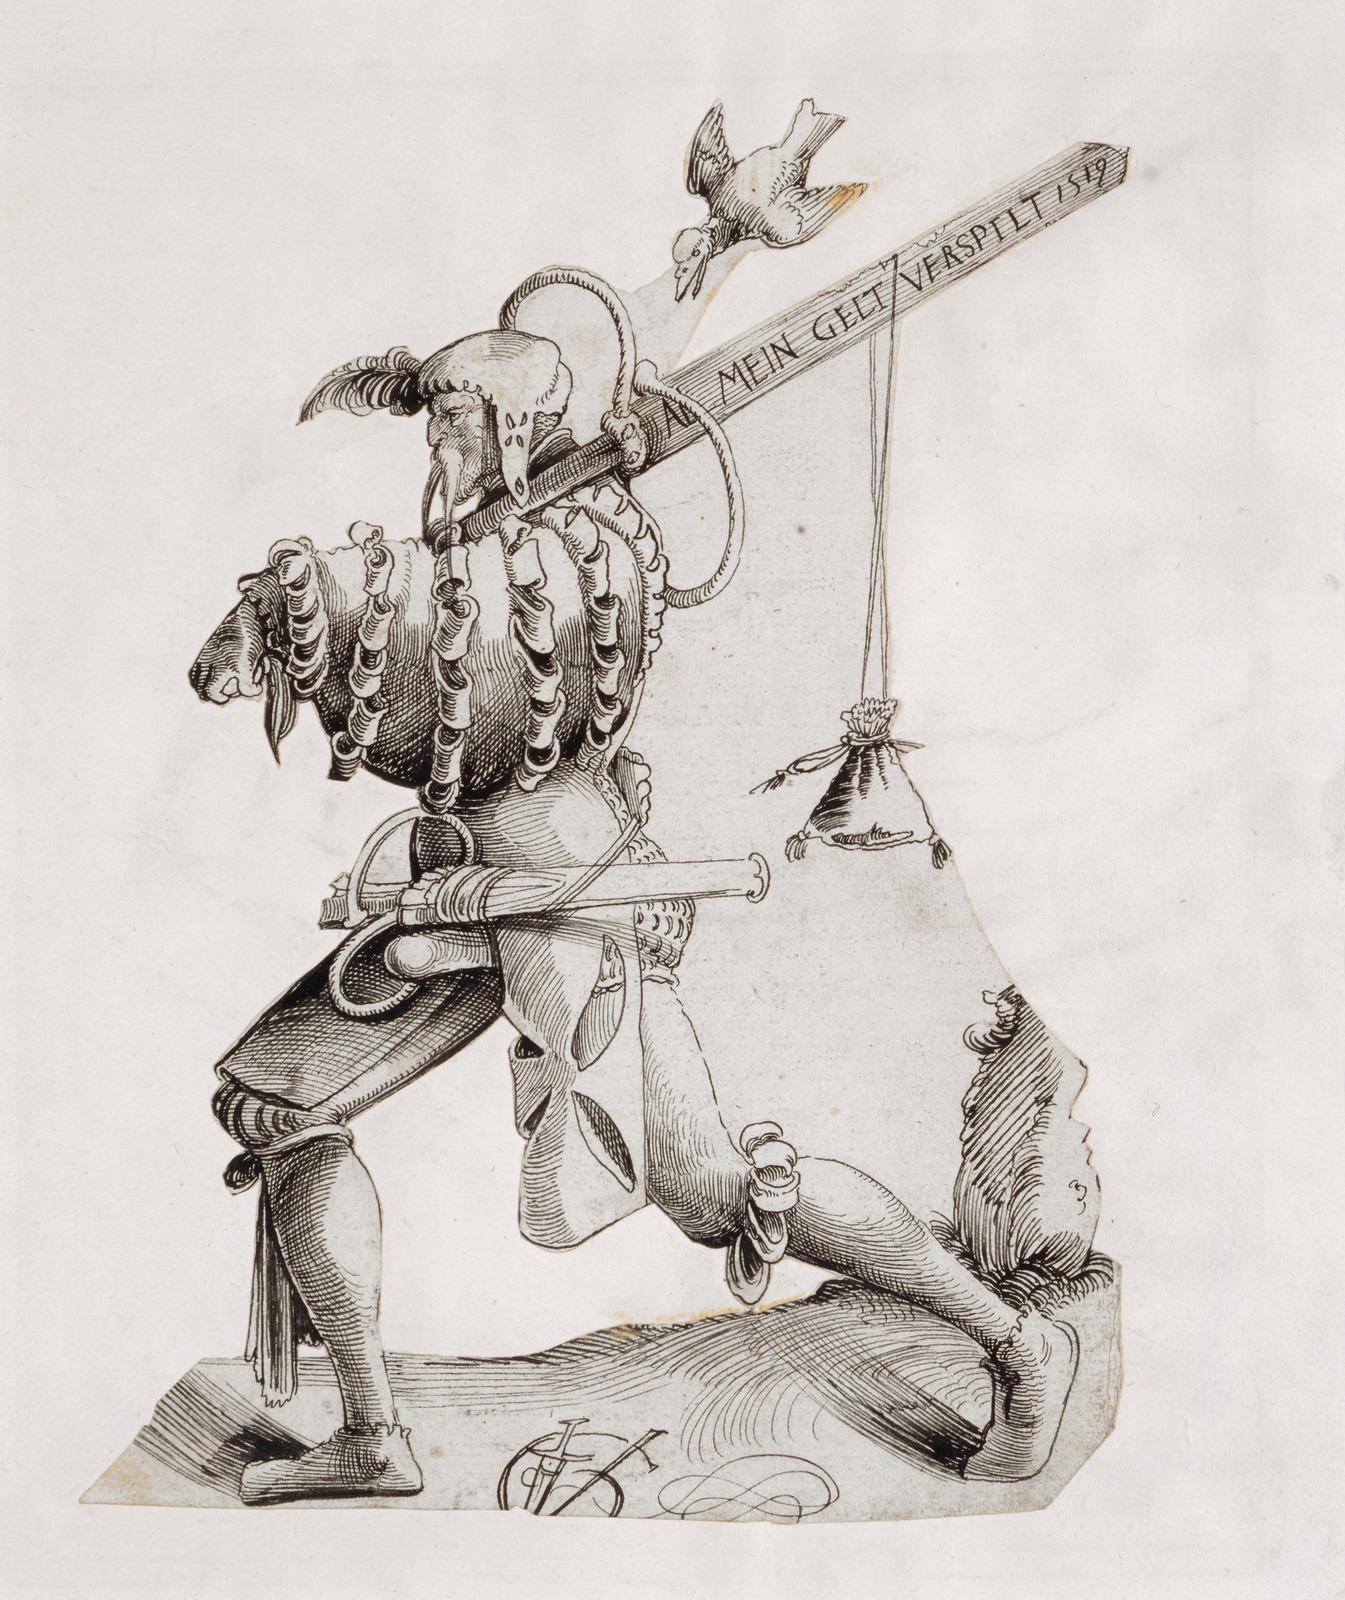 Ландскнехт, продувший свои деньги (Landsknecht, der sein Geld verspielt hat)_1519_27.2 х 19.6_бумага, перо черным тоном_Базель, Кунстмузеум.jpg